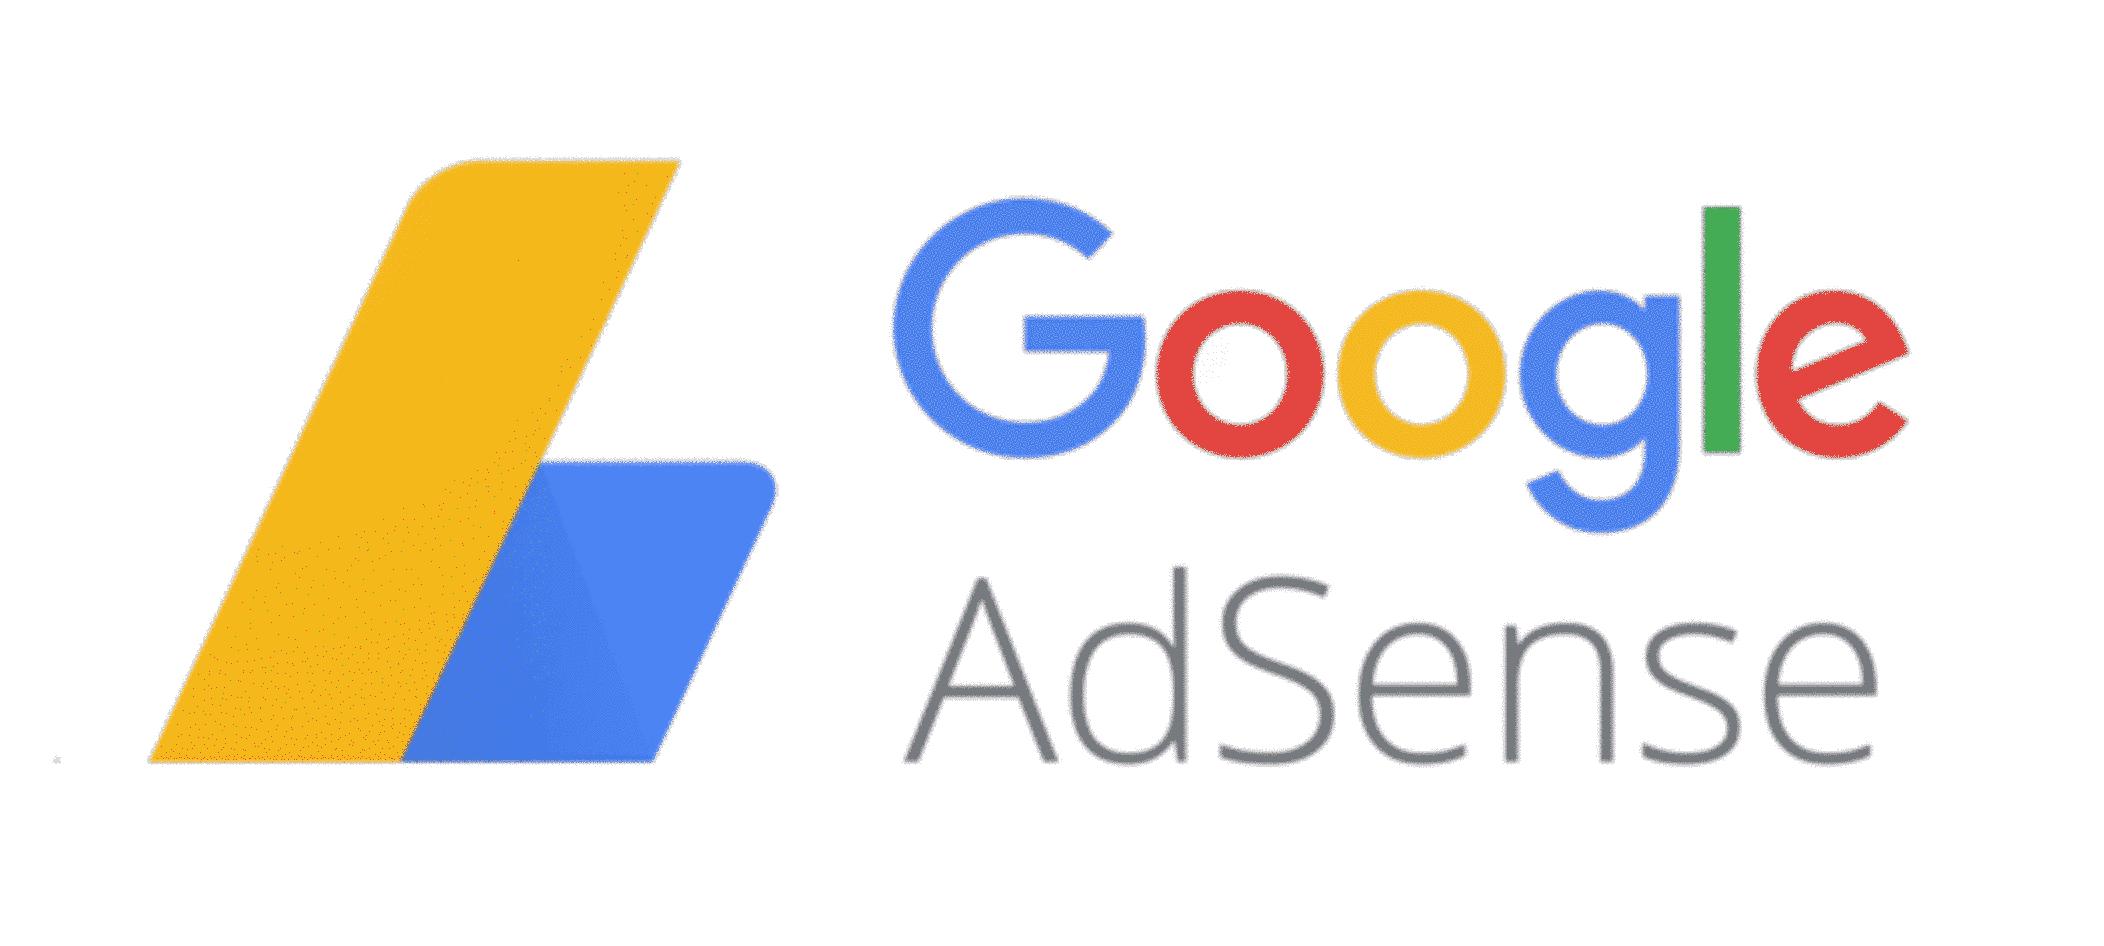 إنشاء حساب جوجل آدسنس